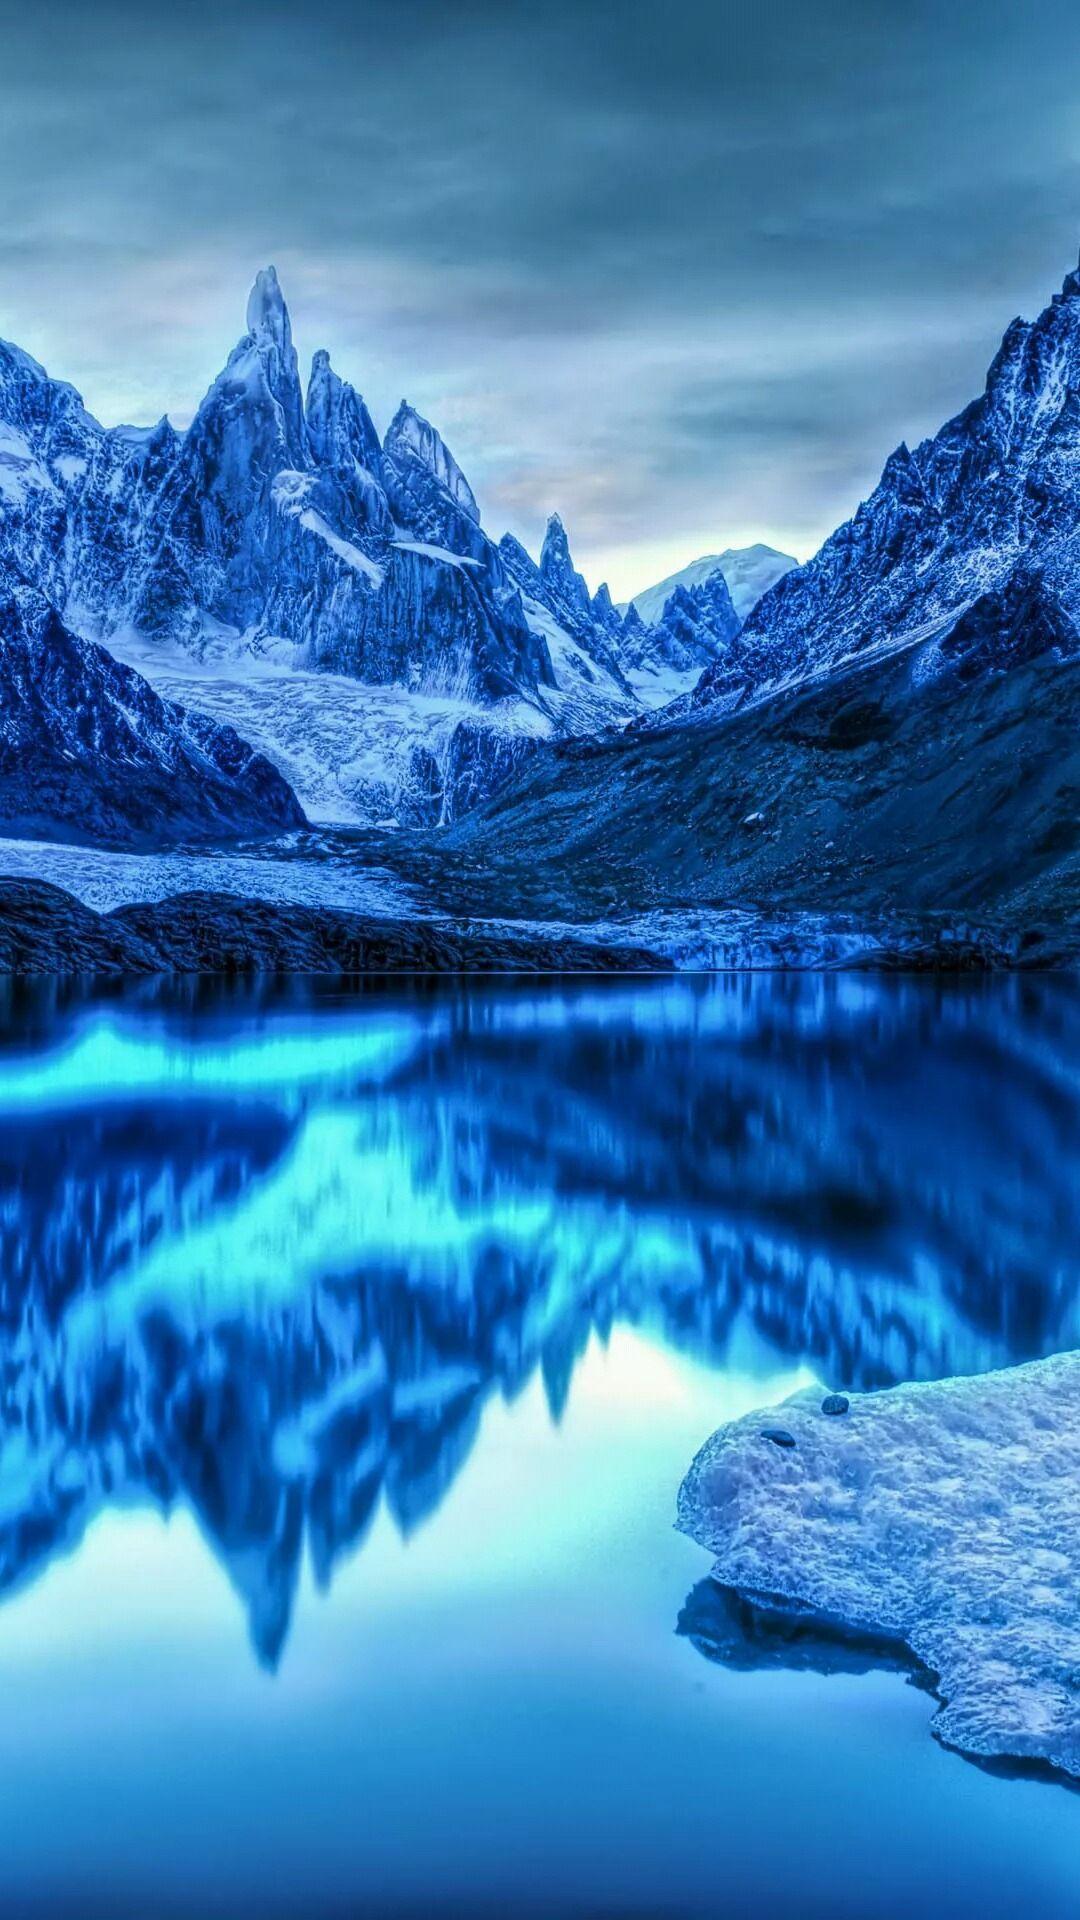 Magnifique Paysage Neige Montagne Fond D Ecran Glass Lac Ciel Wallpaper Euror En 2020 Paysage De Neige Paysage Neige Montagne Paysage Magnifique Hiver